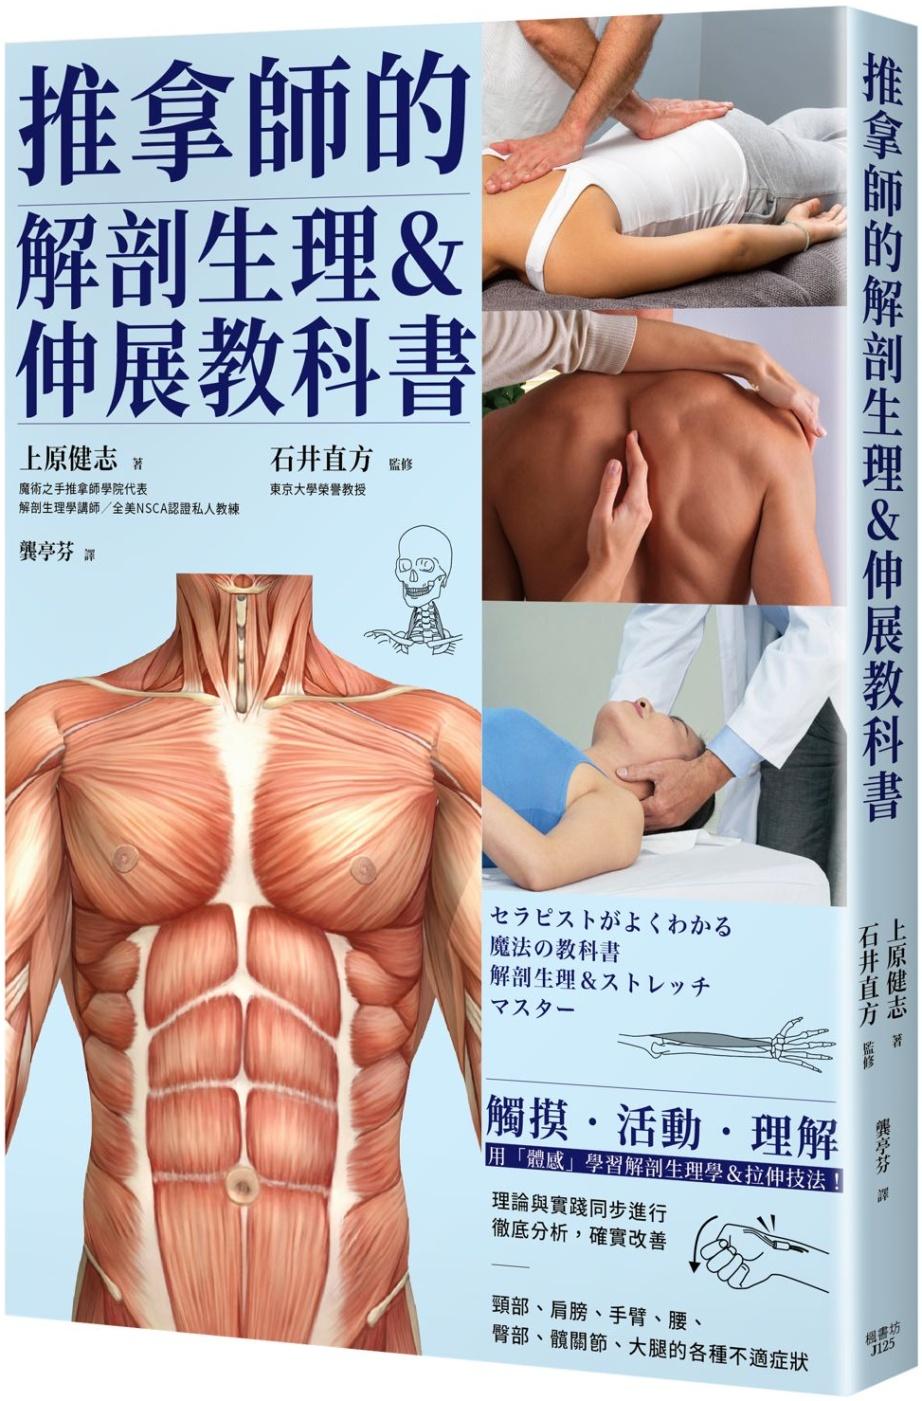 推拿師的解剖生理&伸展教科書